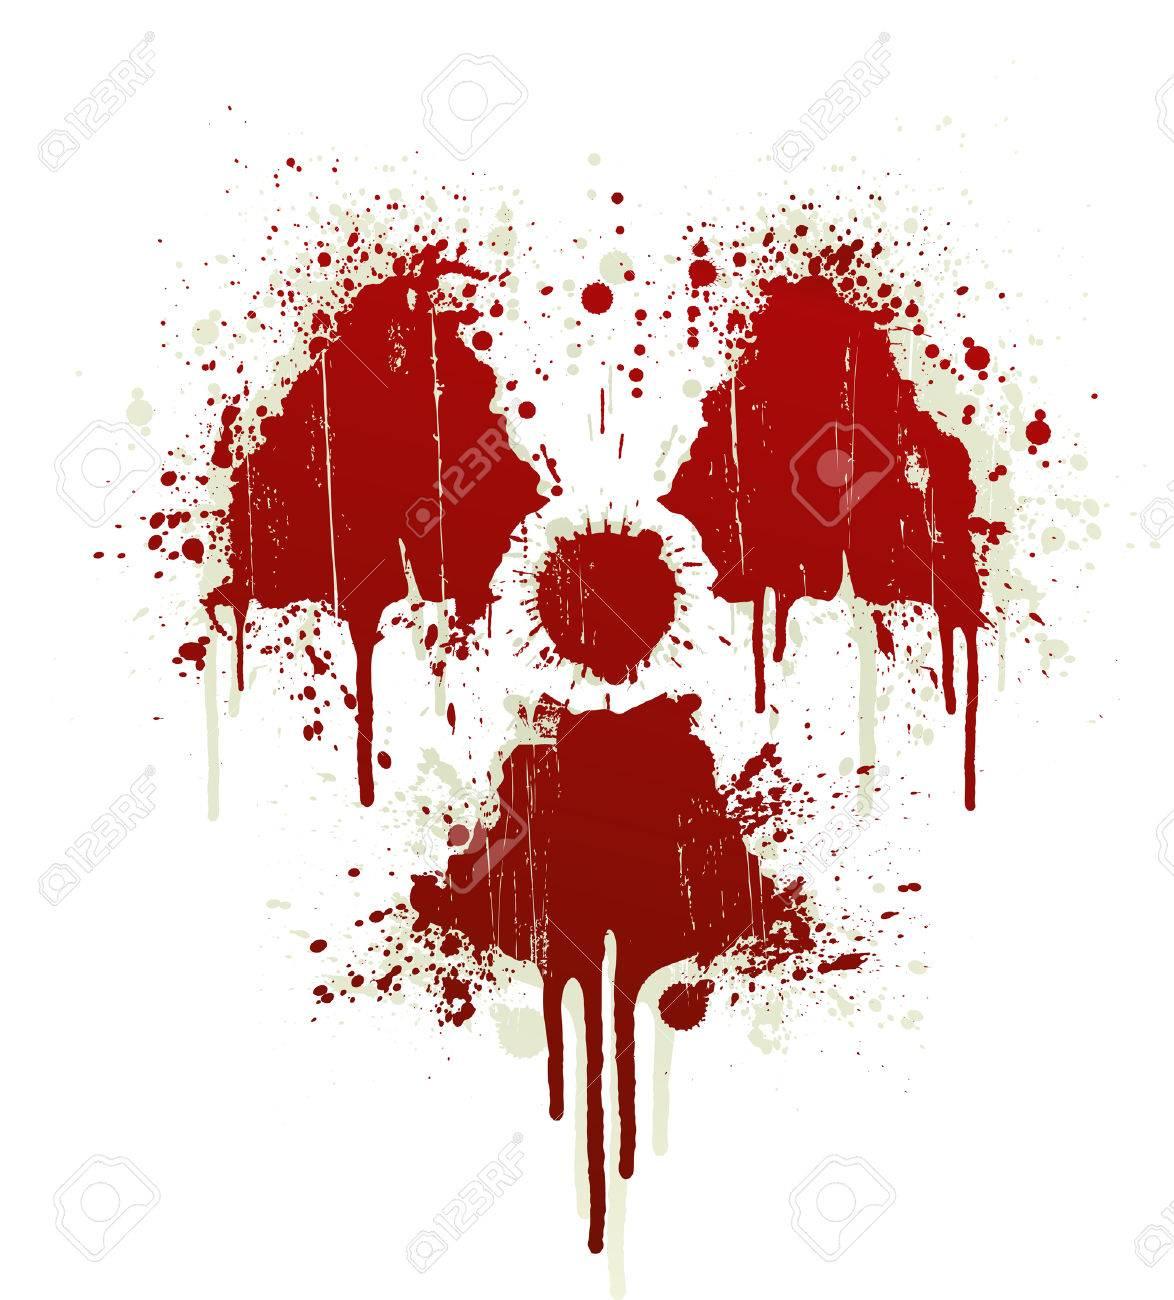 Vector Illustration Of A Blood Splatter Design Element In The